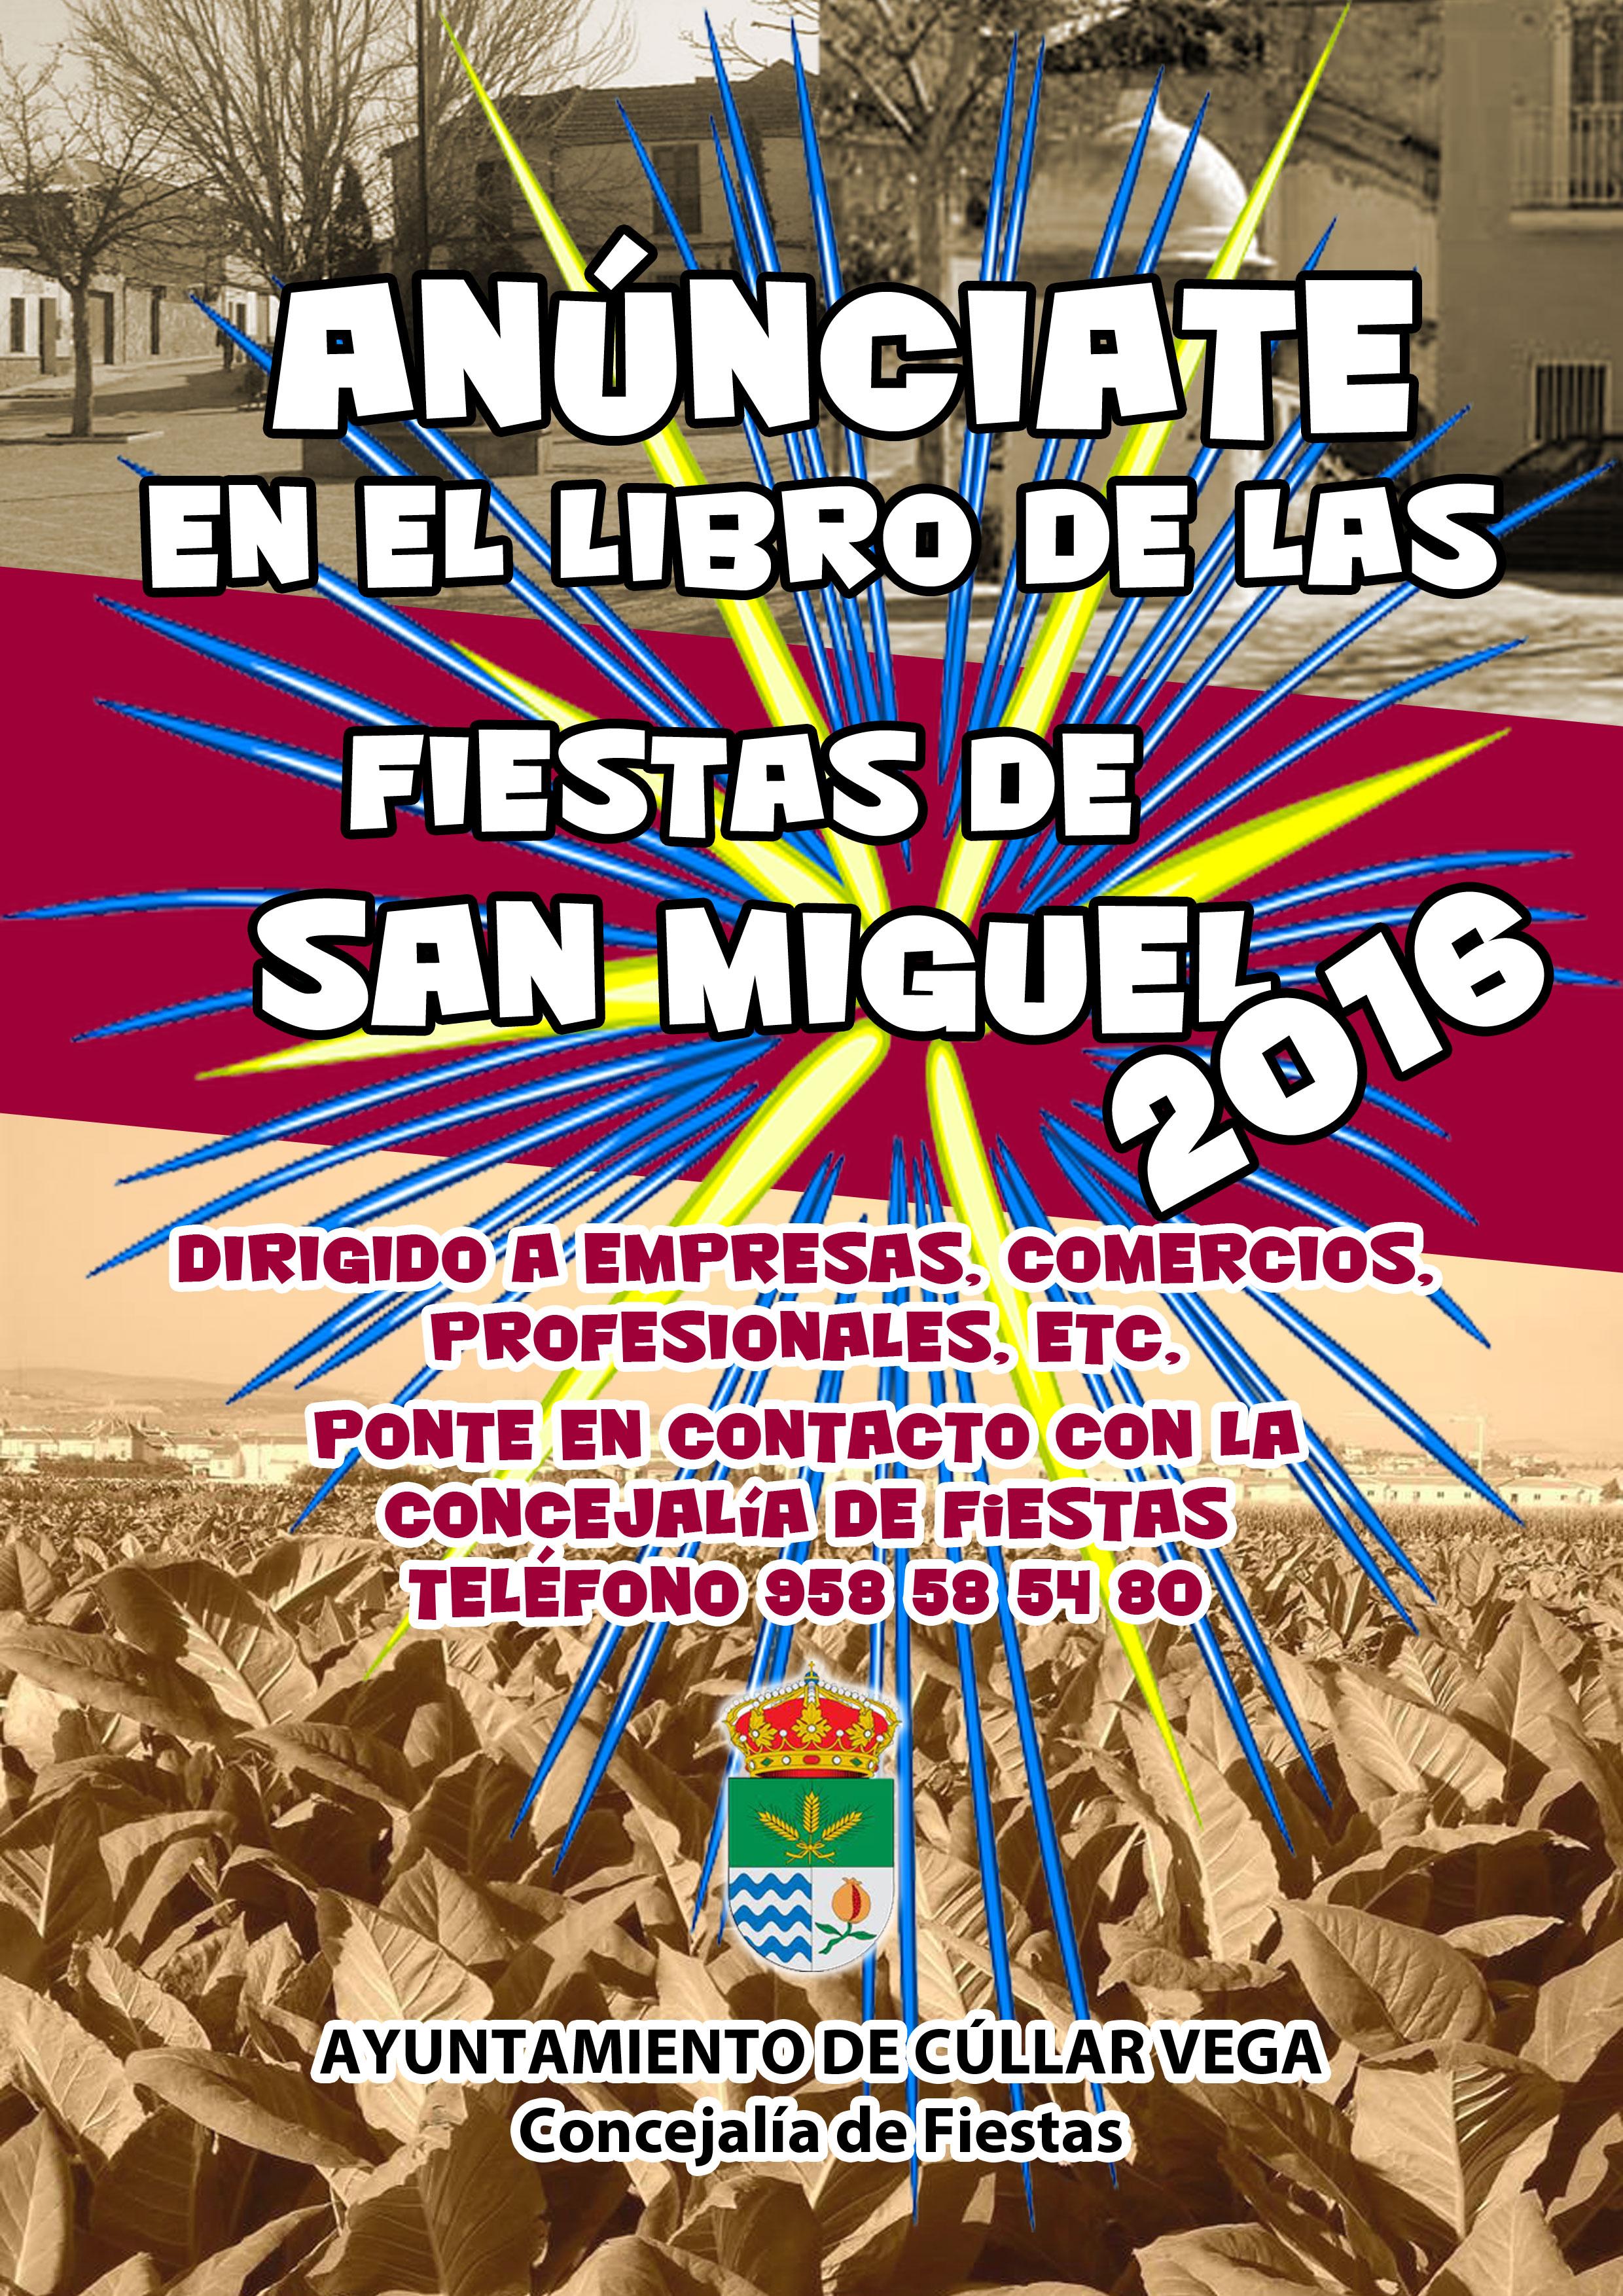 Anúnciate en el Libro de las Fiestas 2016